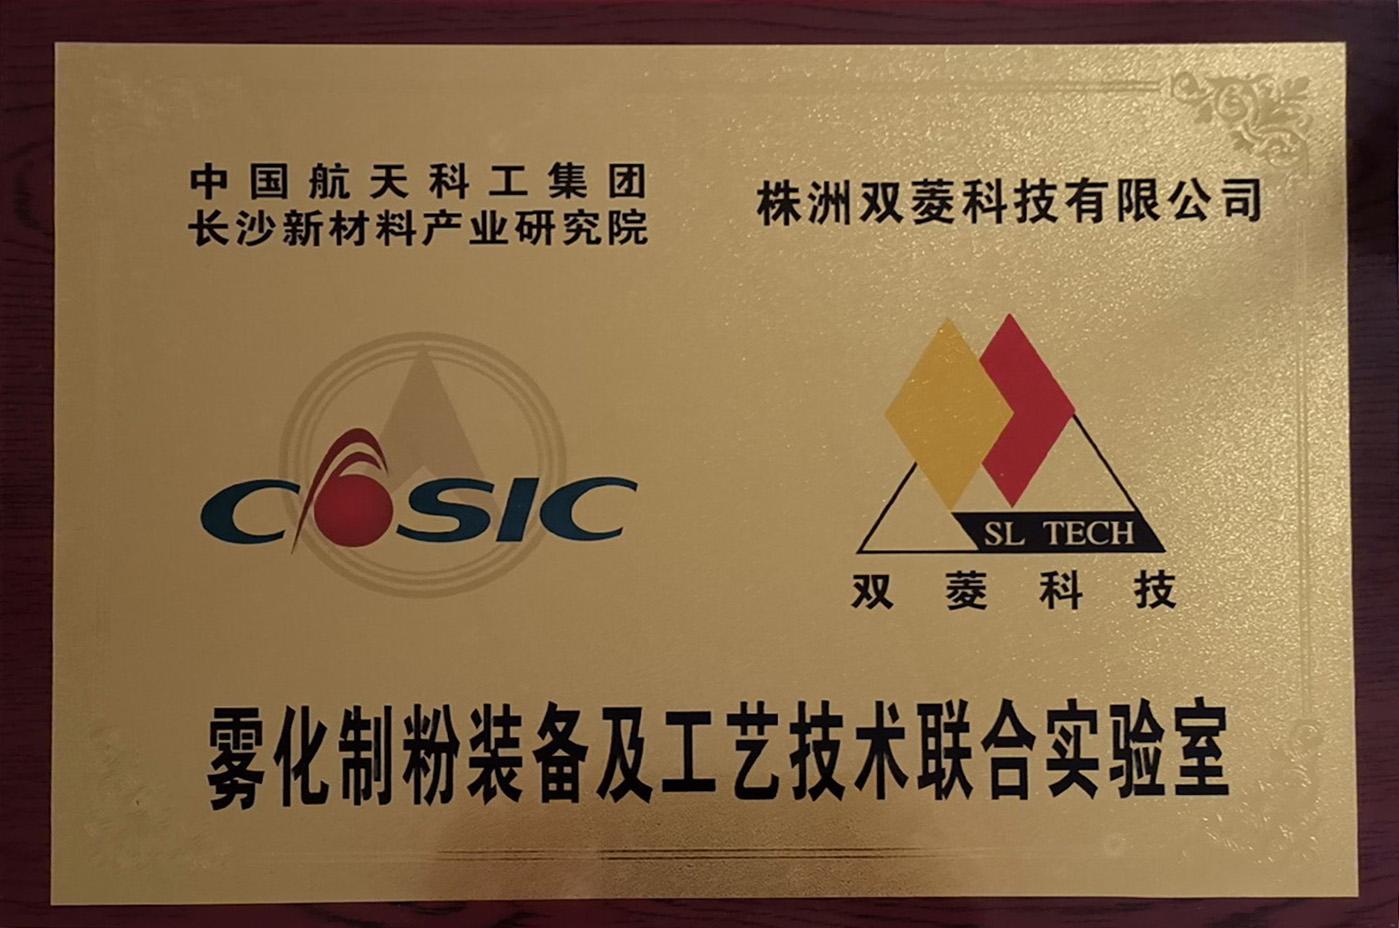 中国航天雾化制粉装备及工艺技术联合实验室挂牌